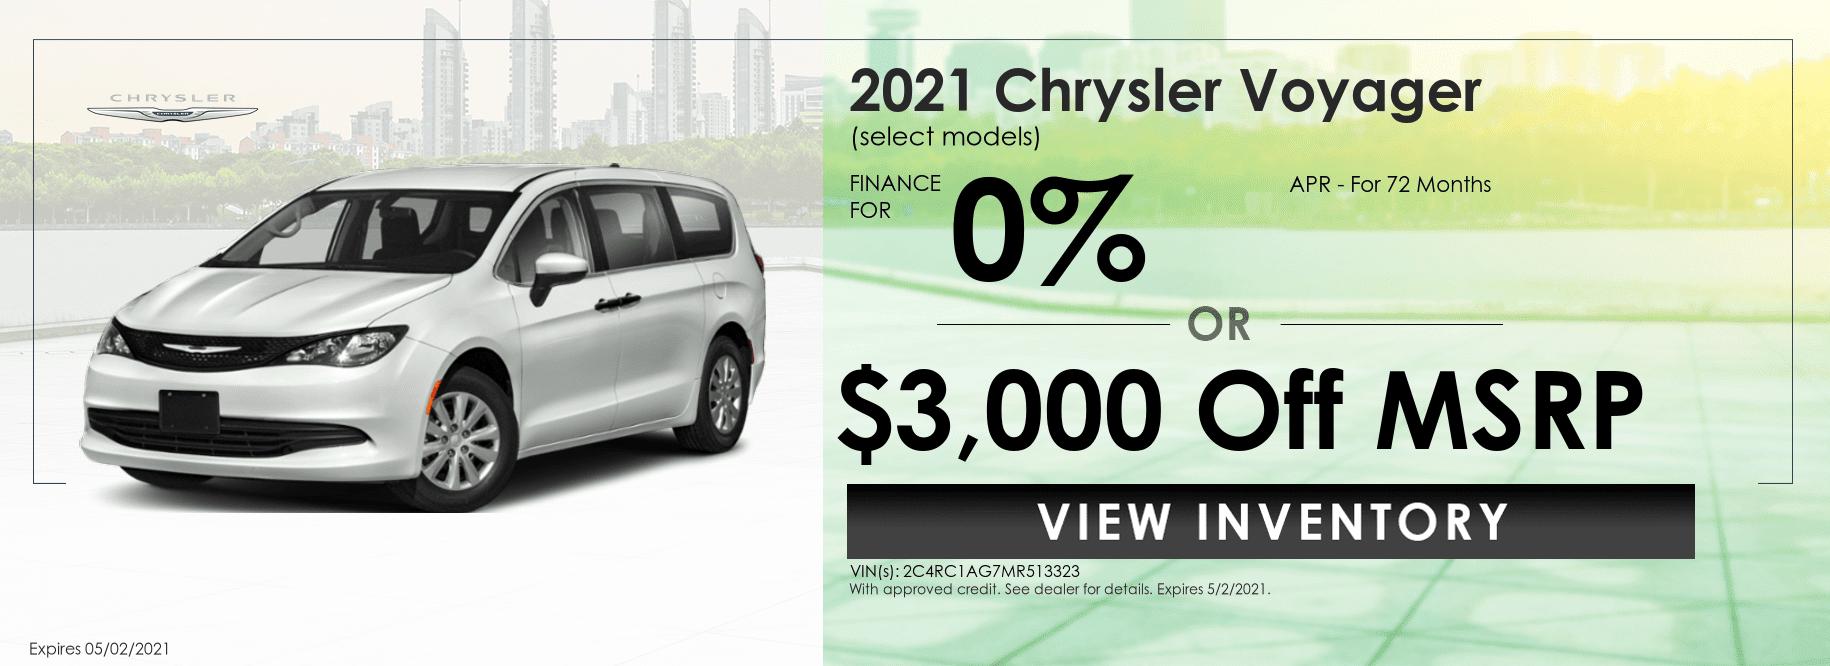 2021-Chrysler-Voyager-(select-models)-29